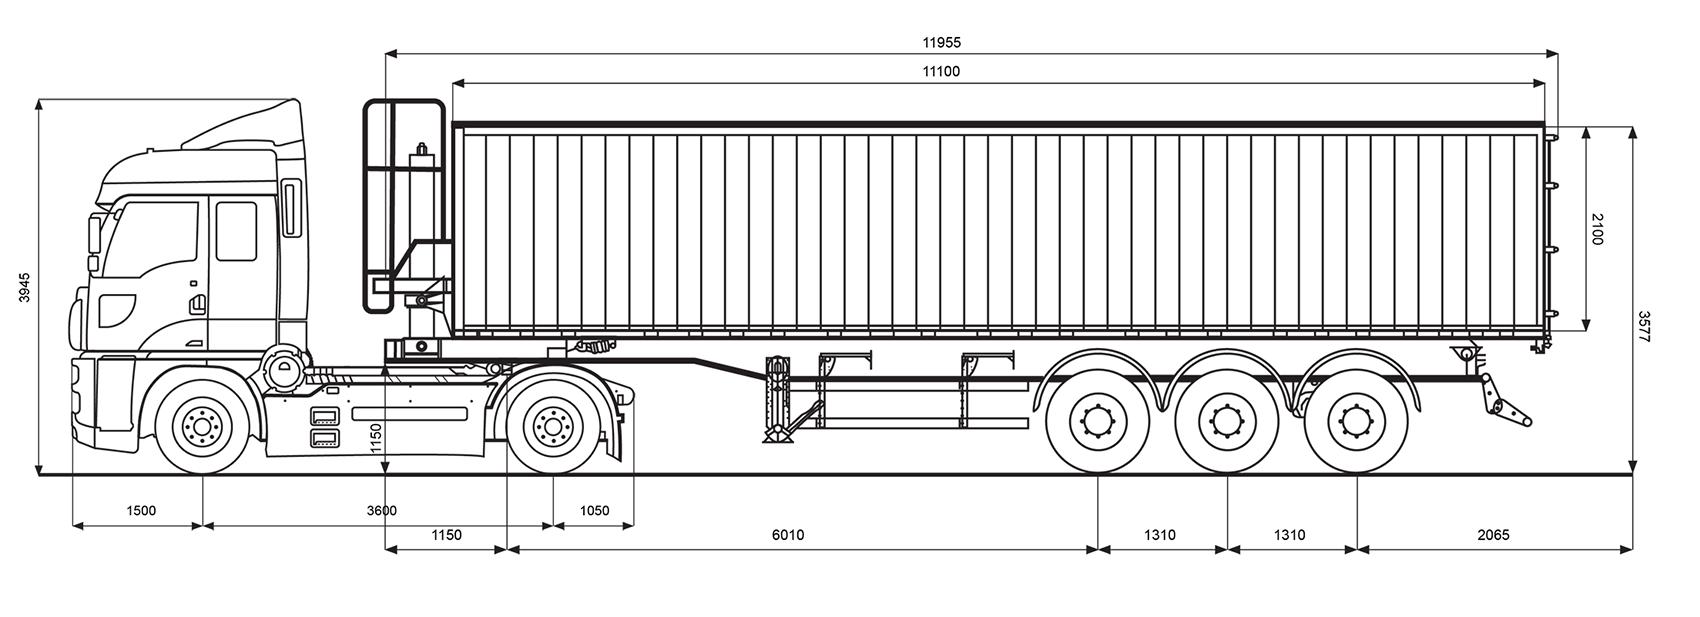 Параметри зерновозу Ford об'ємом 55 м.куб